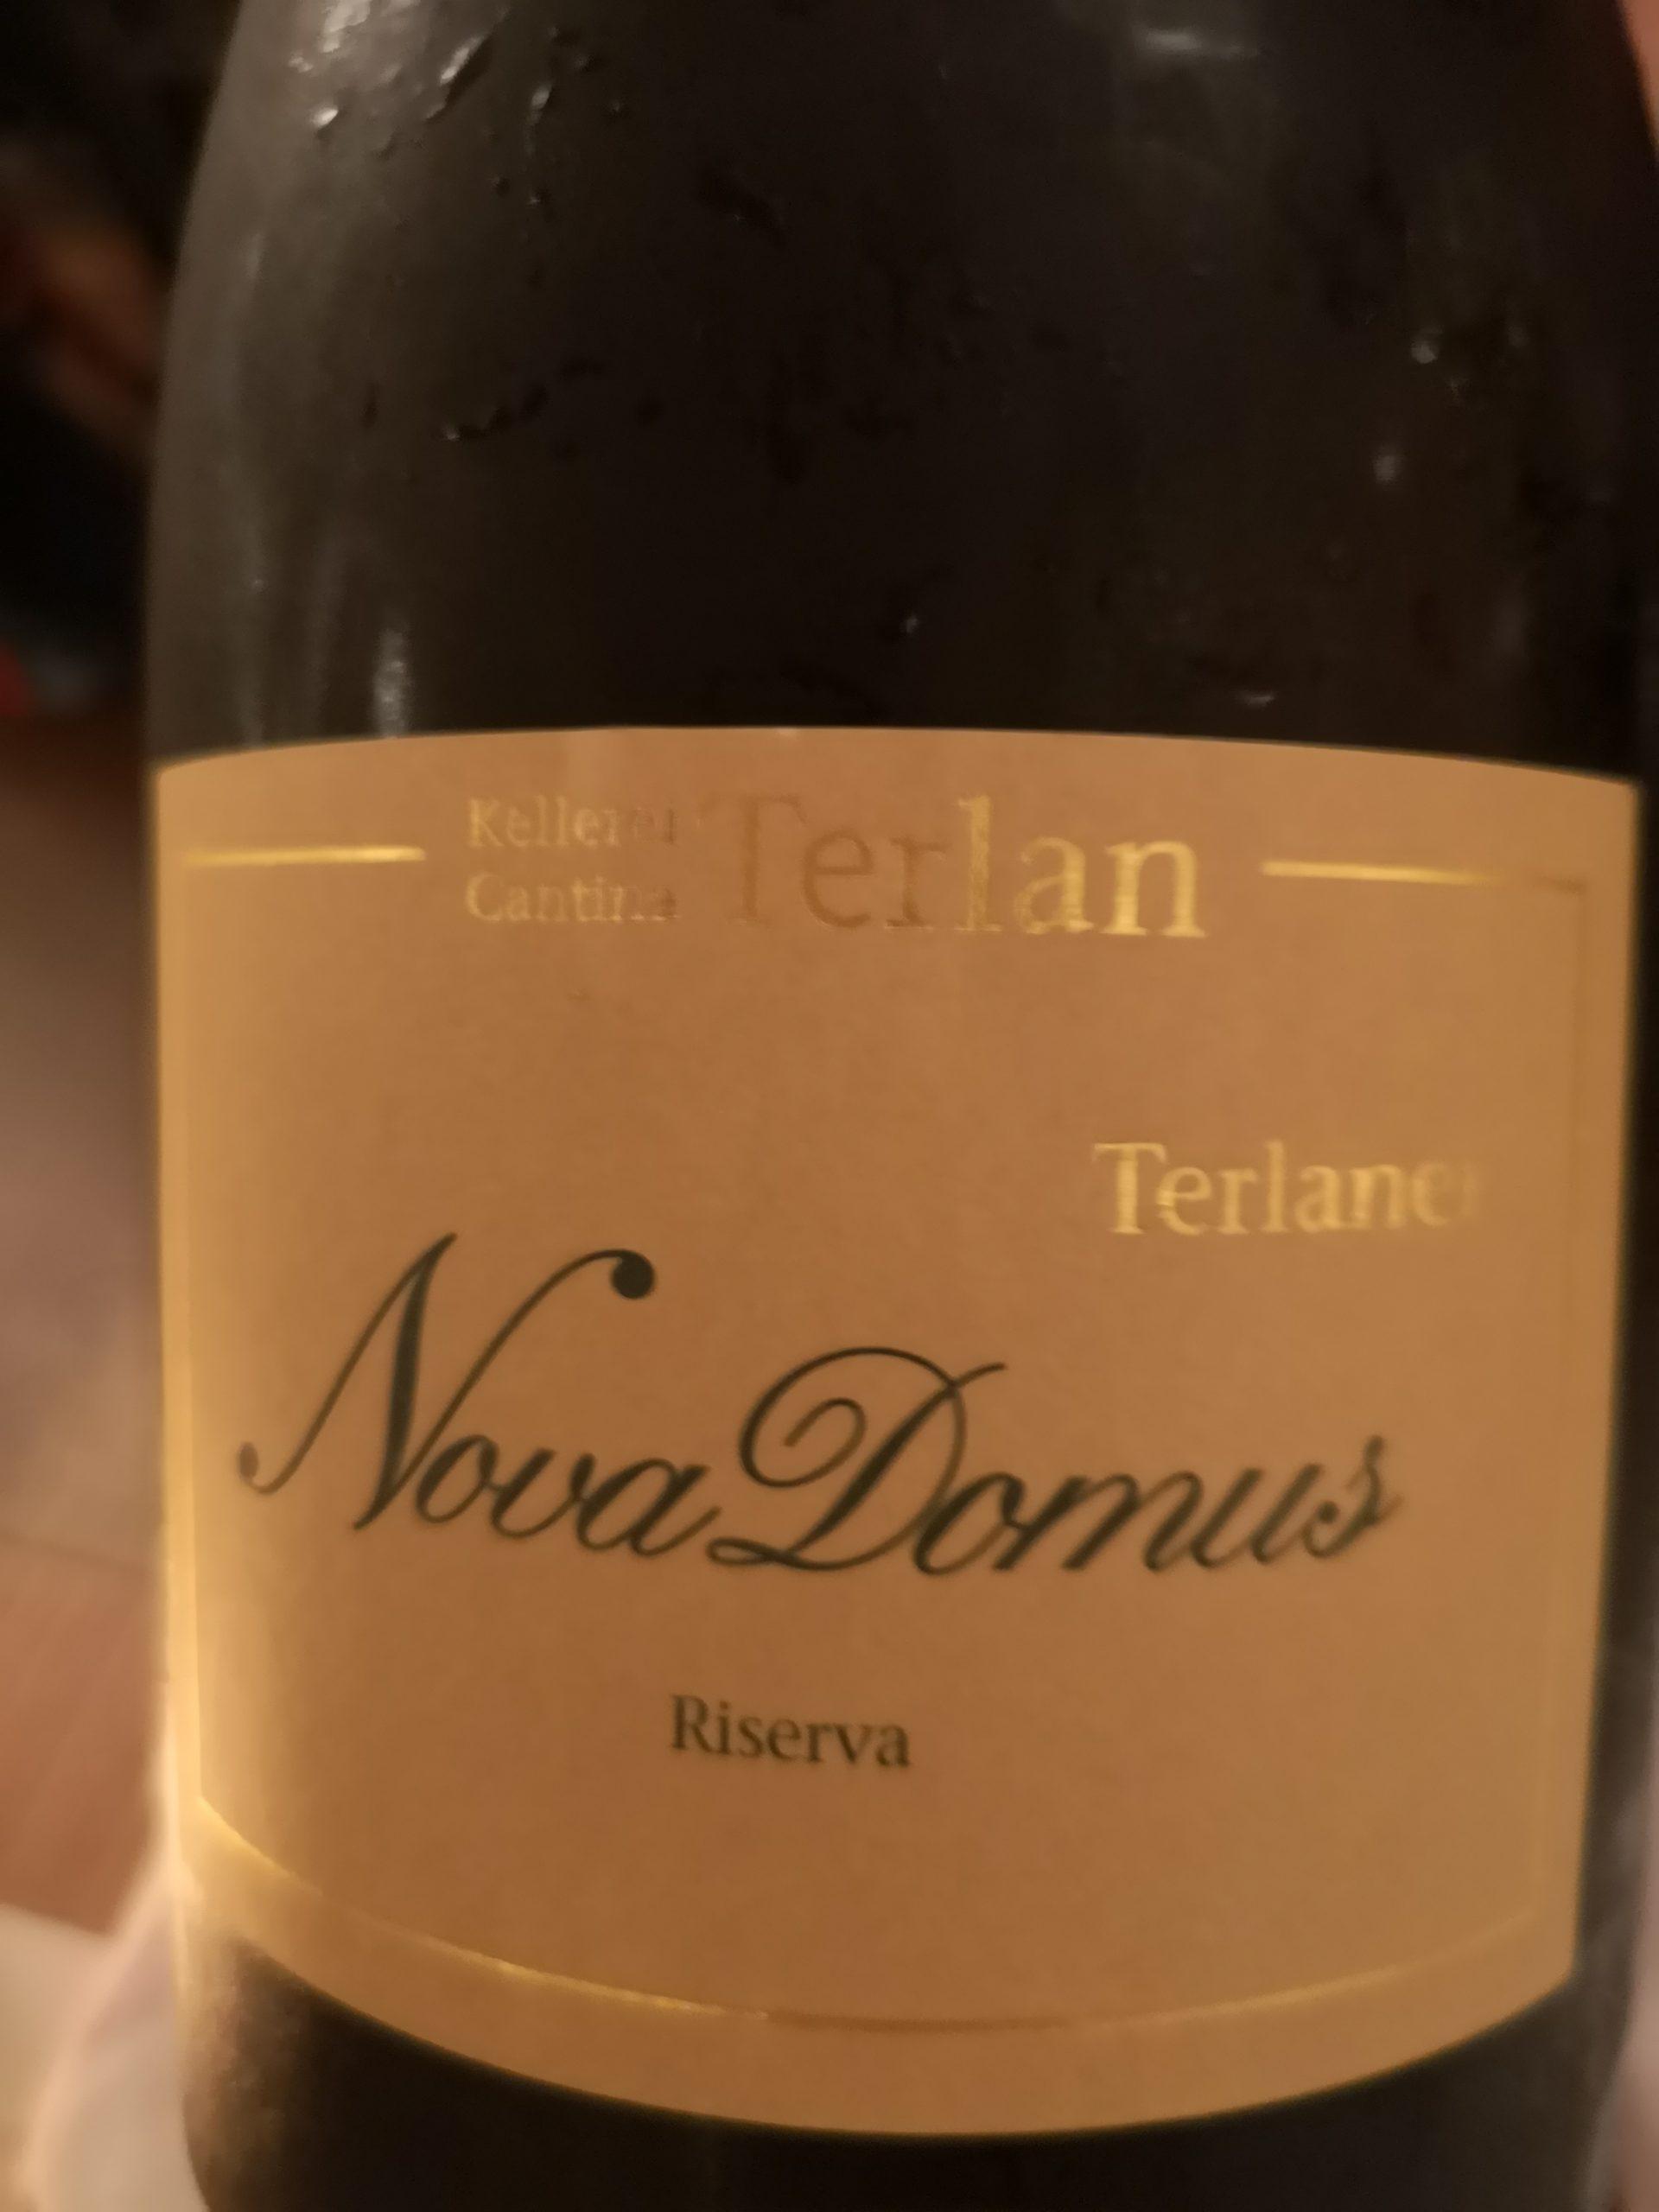 2017 Nova Domus Riserva   Cantina Terlan